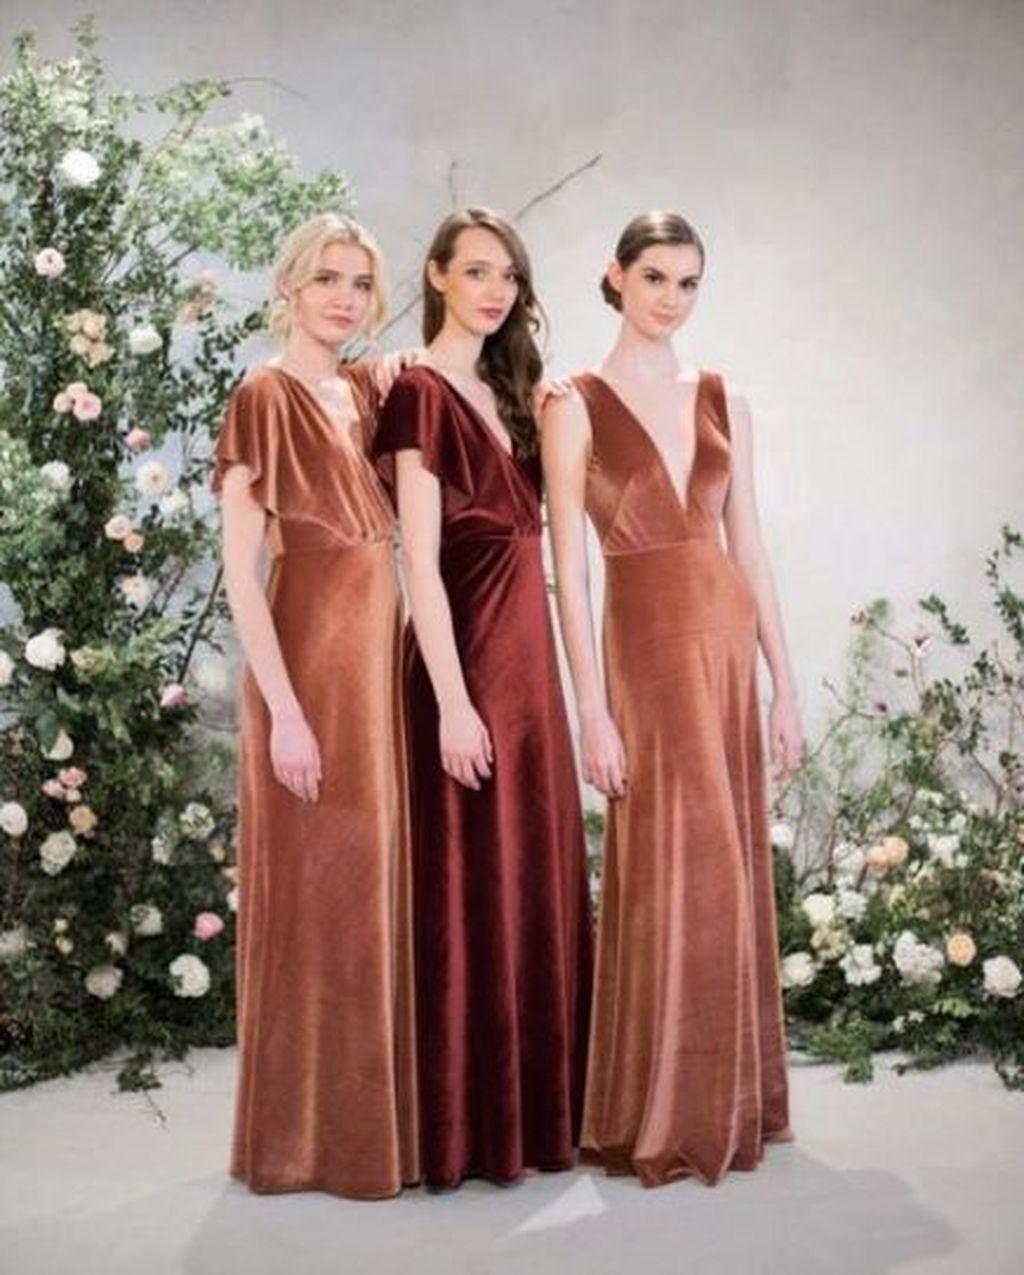 38 Popular Fall Wedding Guest Dress Ideas Velvet Bridesmaid Dresses Berry Bridesmaid Dresses Fall Wedding Guest Dress [ 1275 x 1024 Pixel ]